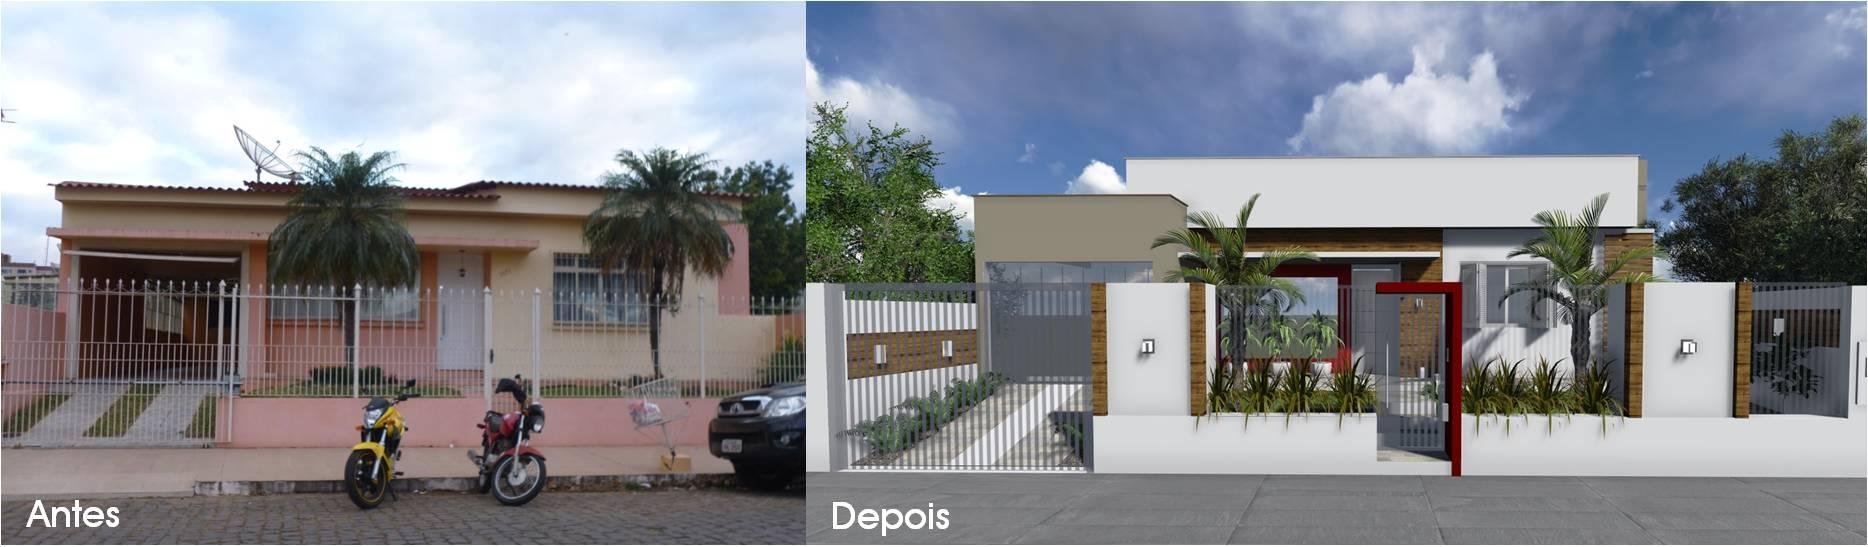 antes e depois de fachada